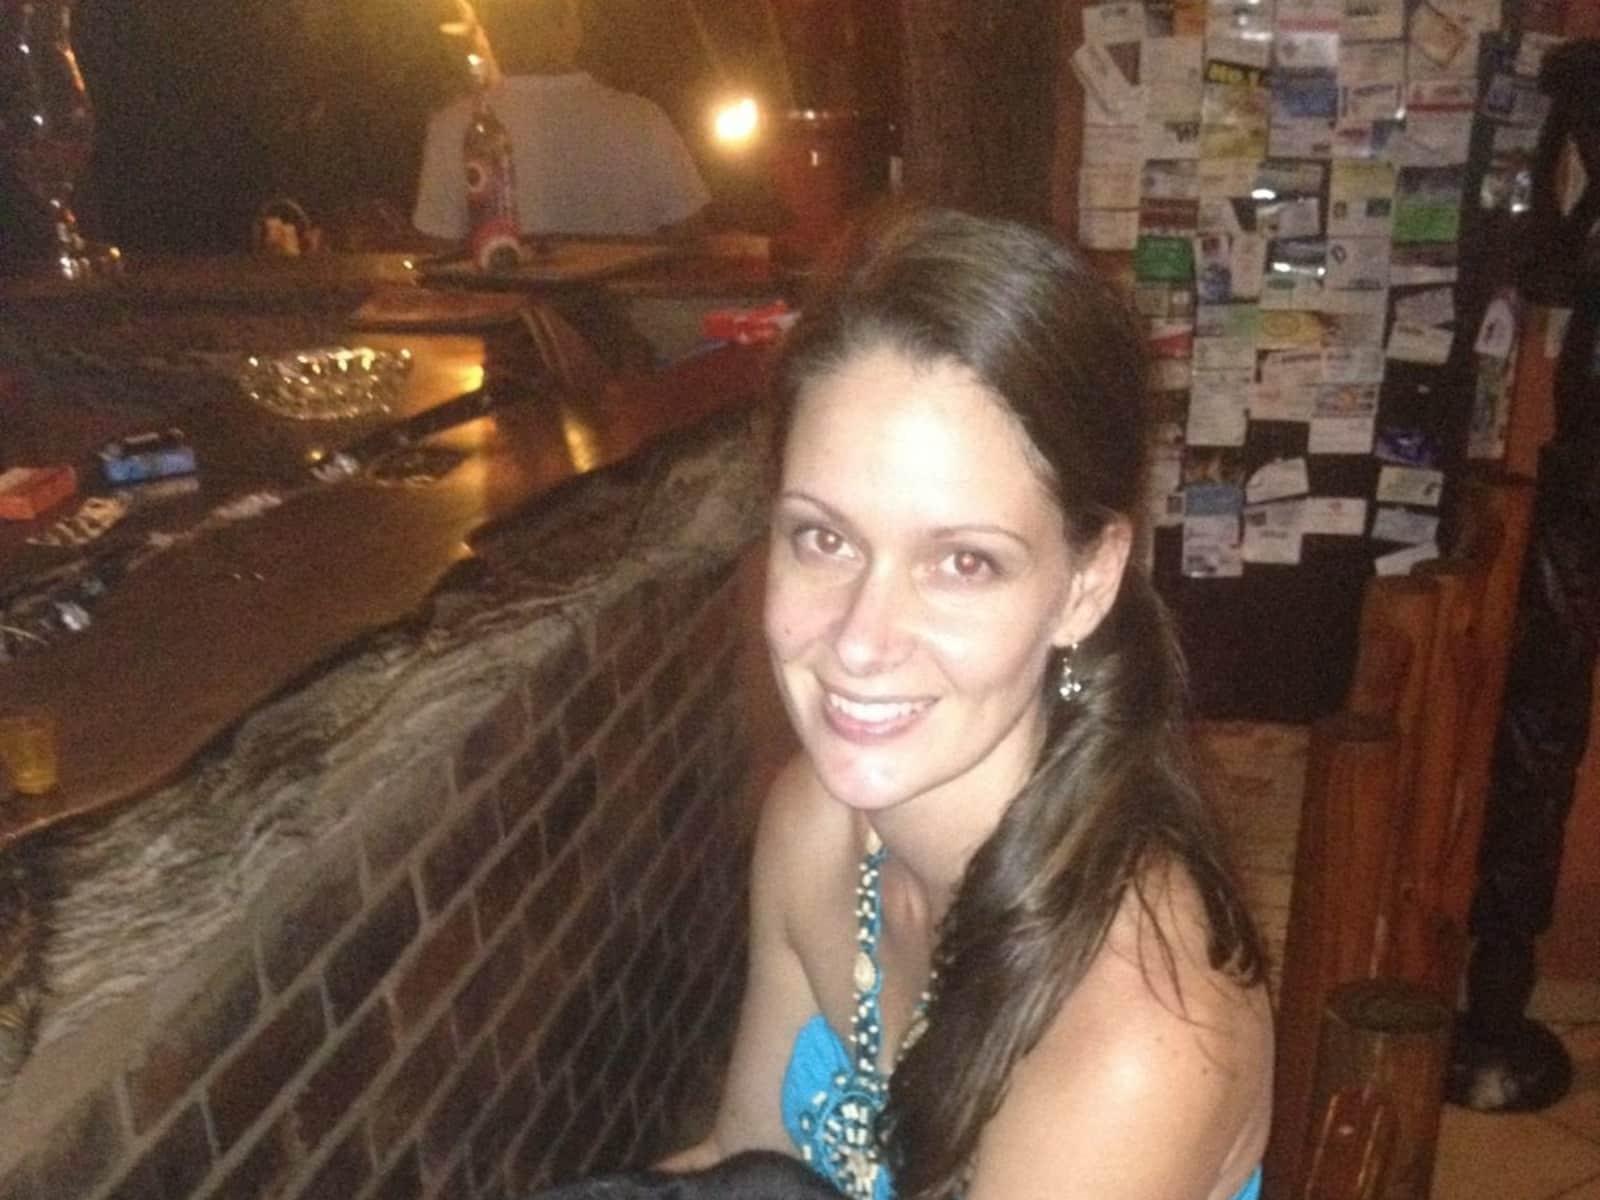 Kimberly from Wellington, New Zealand